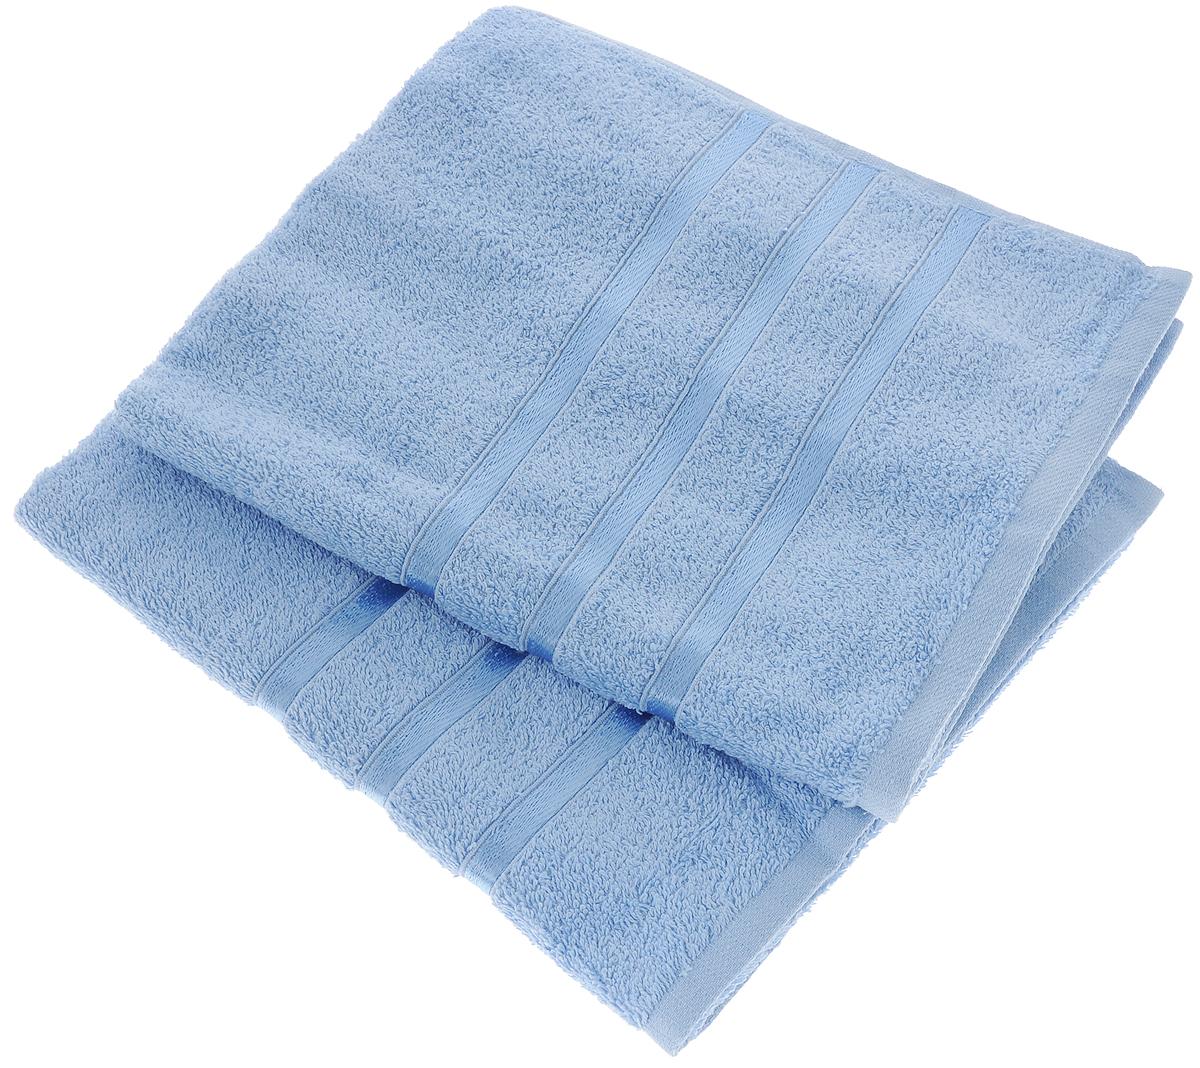 Набор полотенец Tete-a-Tete Ленты, цвет: голубой, 50 х 85 см, 2 штУНП-101-18-2кНабор Tete-a-Tete Ленты состоит из двух махровых полотенец, выполненных из натурального 100% хлопка. Бордюр полотенец декорирован лентами. Изделия мягкие, отлично впитывают влагу, быстро сохнут, сохраняют яркость цвета и не теряют форму даже после многократных стирок. Полотенца Tete-a-Tete Ленты очень практичны и неприхотливы в уходе. Они легко впишутся в любой интерьер благодаря своей нежной цветовой гамме. Набор упакован в красивую коробку и может послужить отличной идеей для подарка. Размер полотенец: 50 х 85 см.